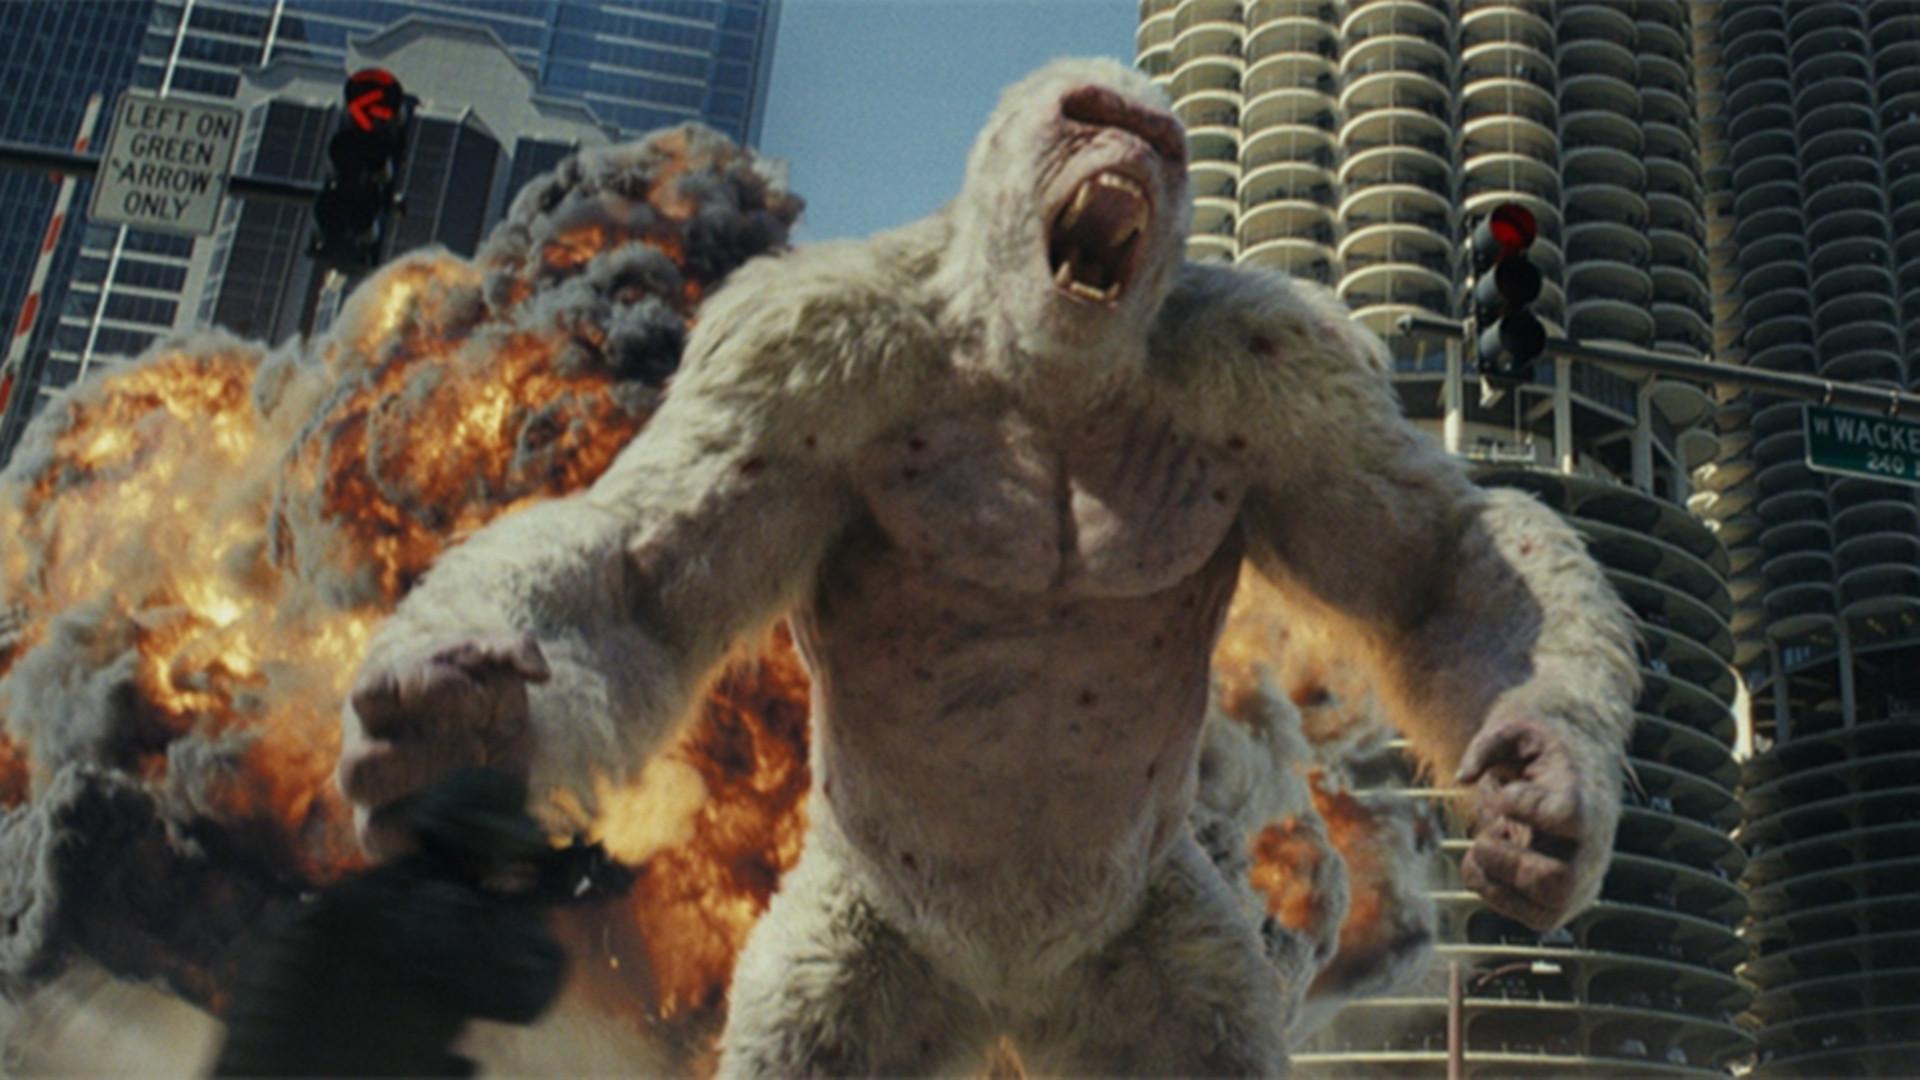 #电影最前线#一只猩猩撑起这部电影,巨石强森来打酱油吗?